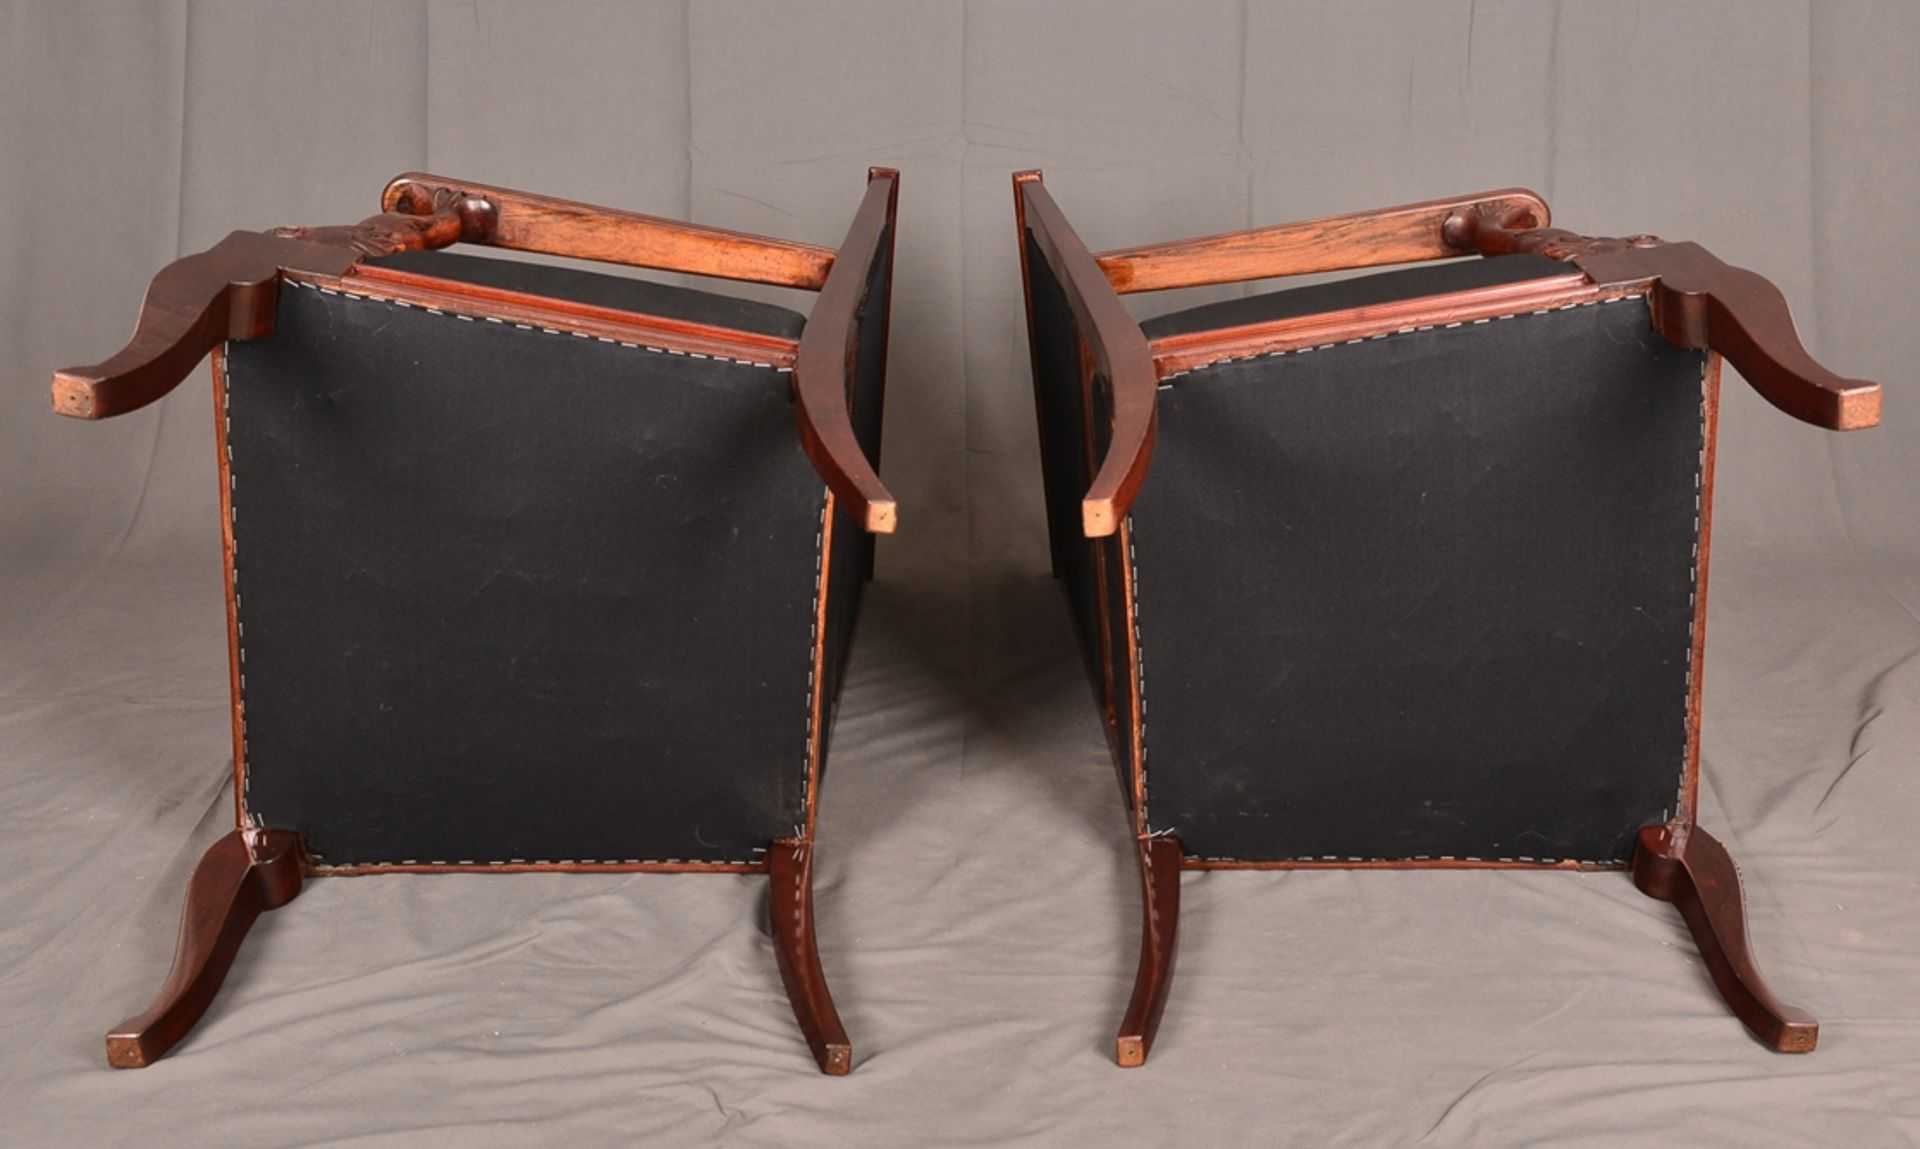 Paar Armlehnstühle. Empire-Stil, Mahagoni, aufwändig mit Messingapplikationen verziert. Vor - Bild 9 aus 9